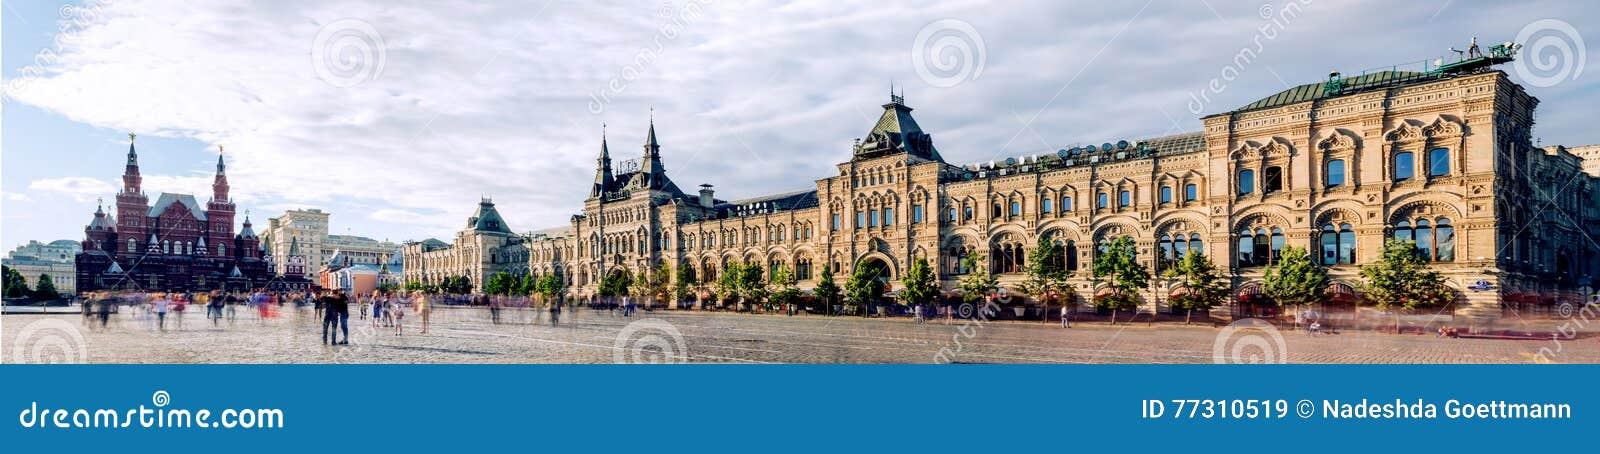 全景红场、历史博物馆和胶在莫斯科,俄罗斯